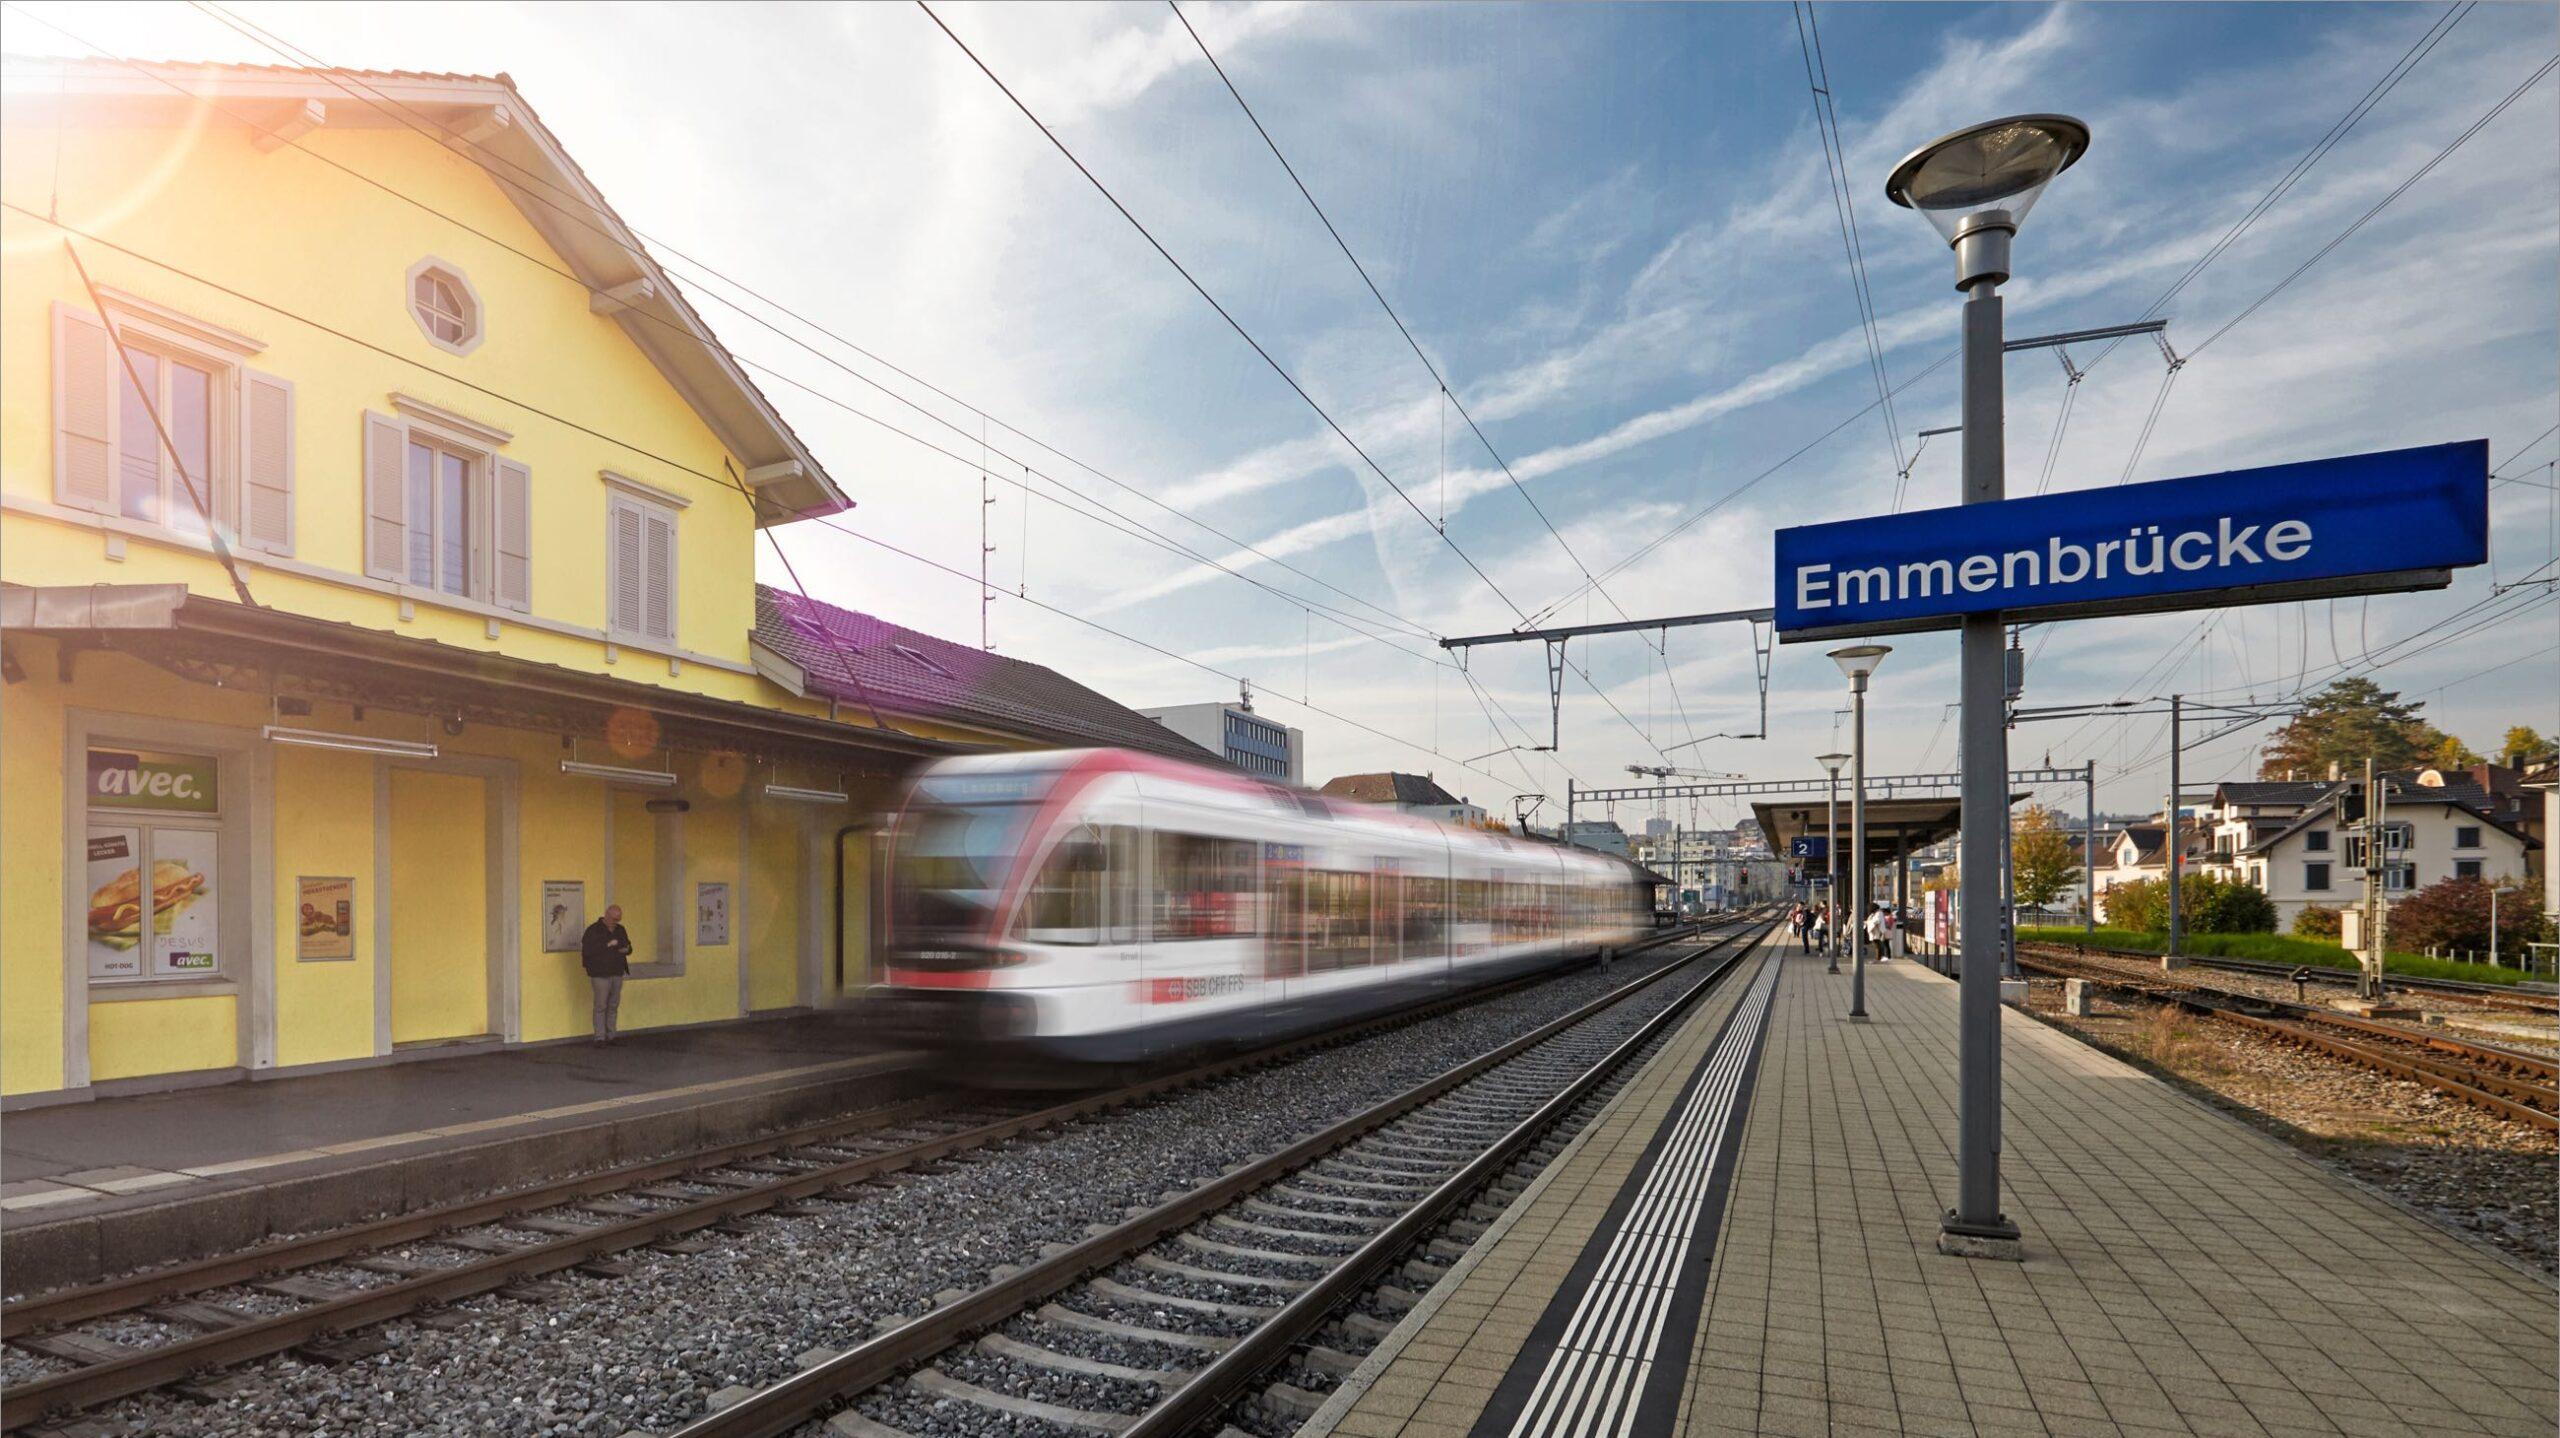 Bahnhof Emmenbrücke